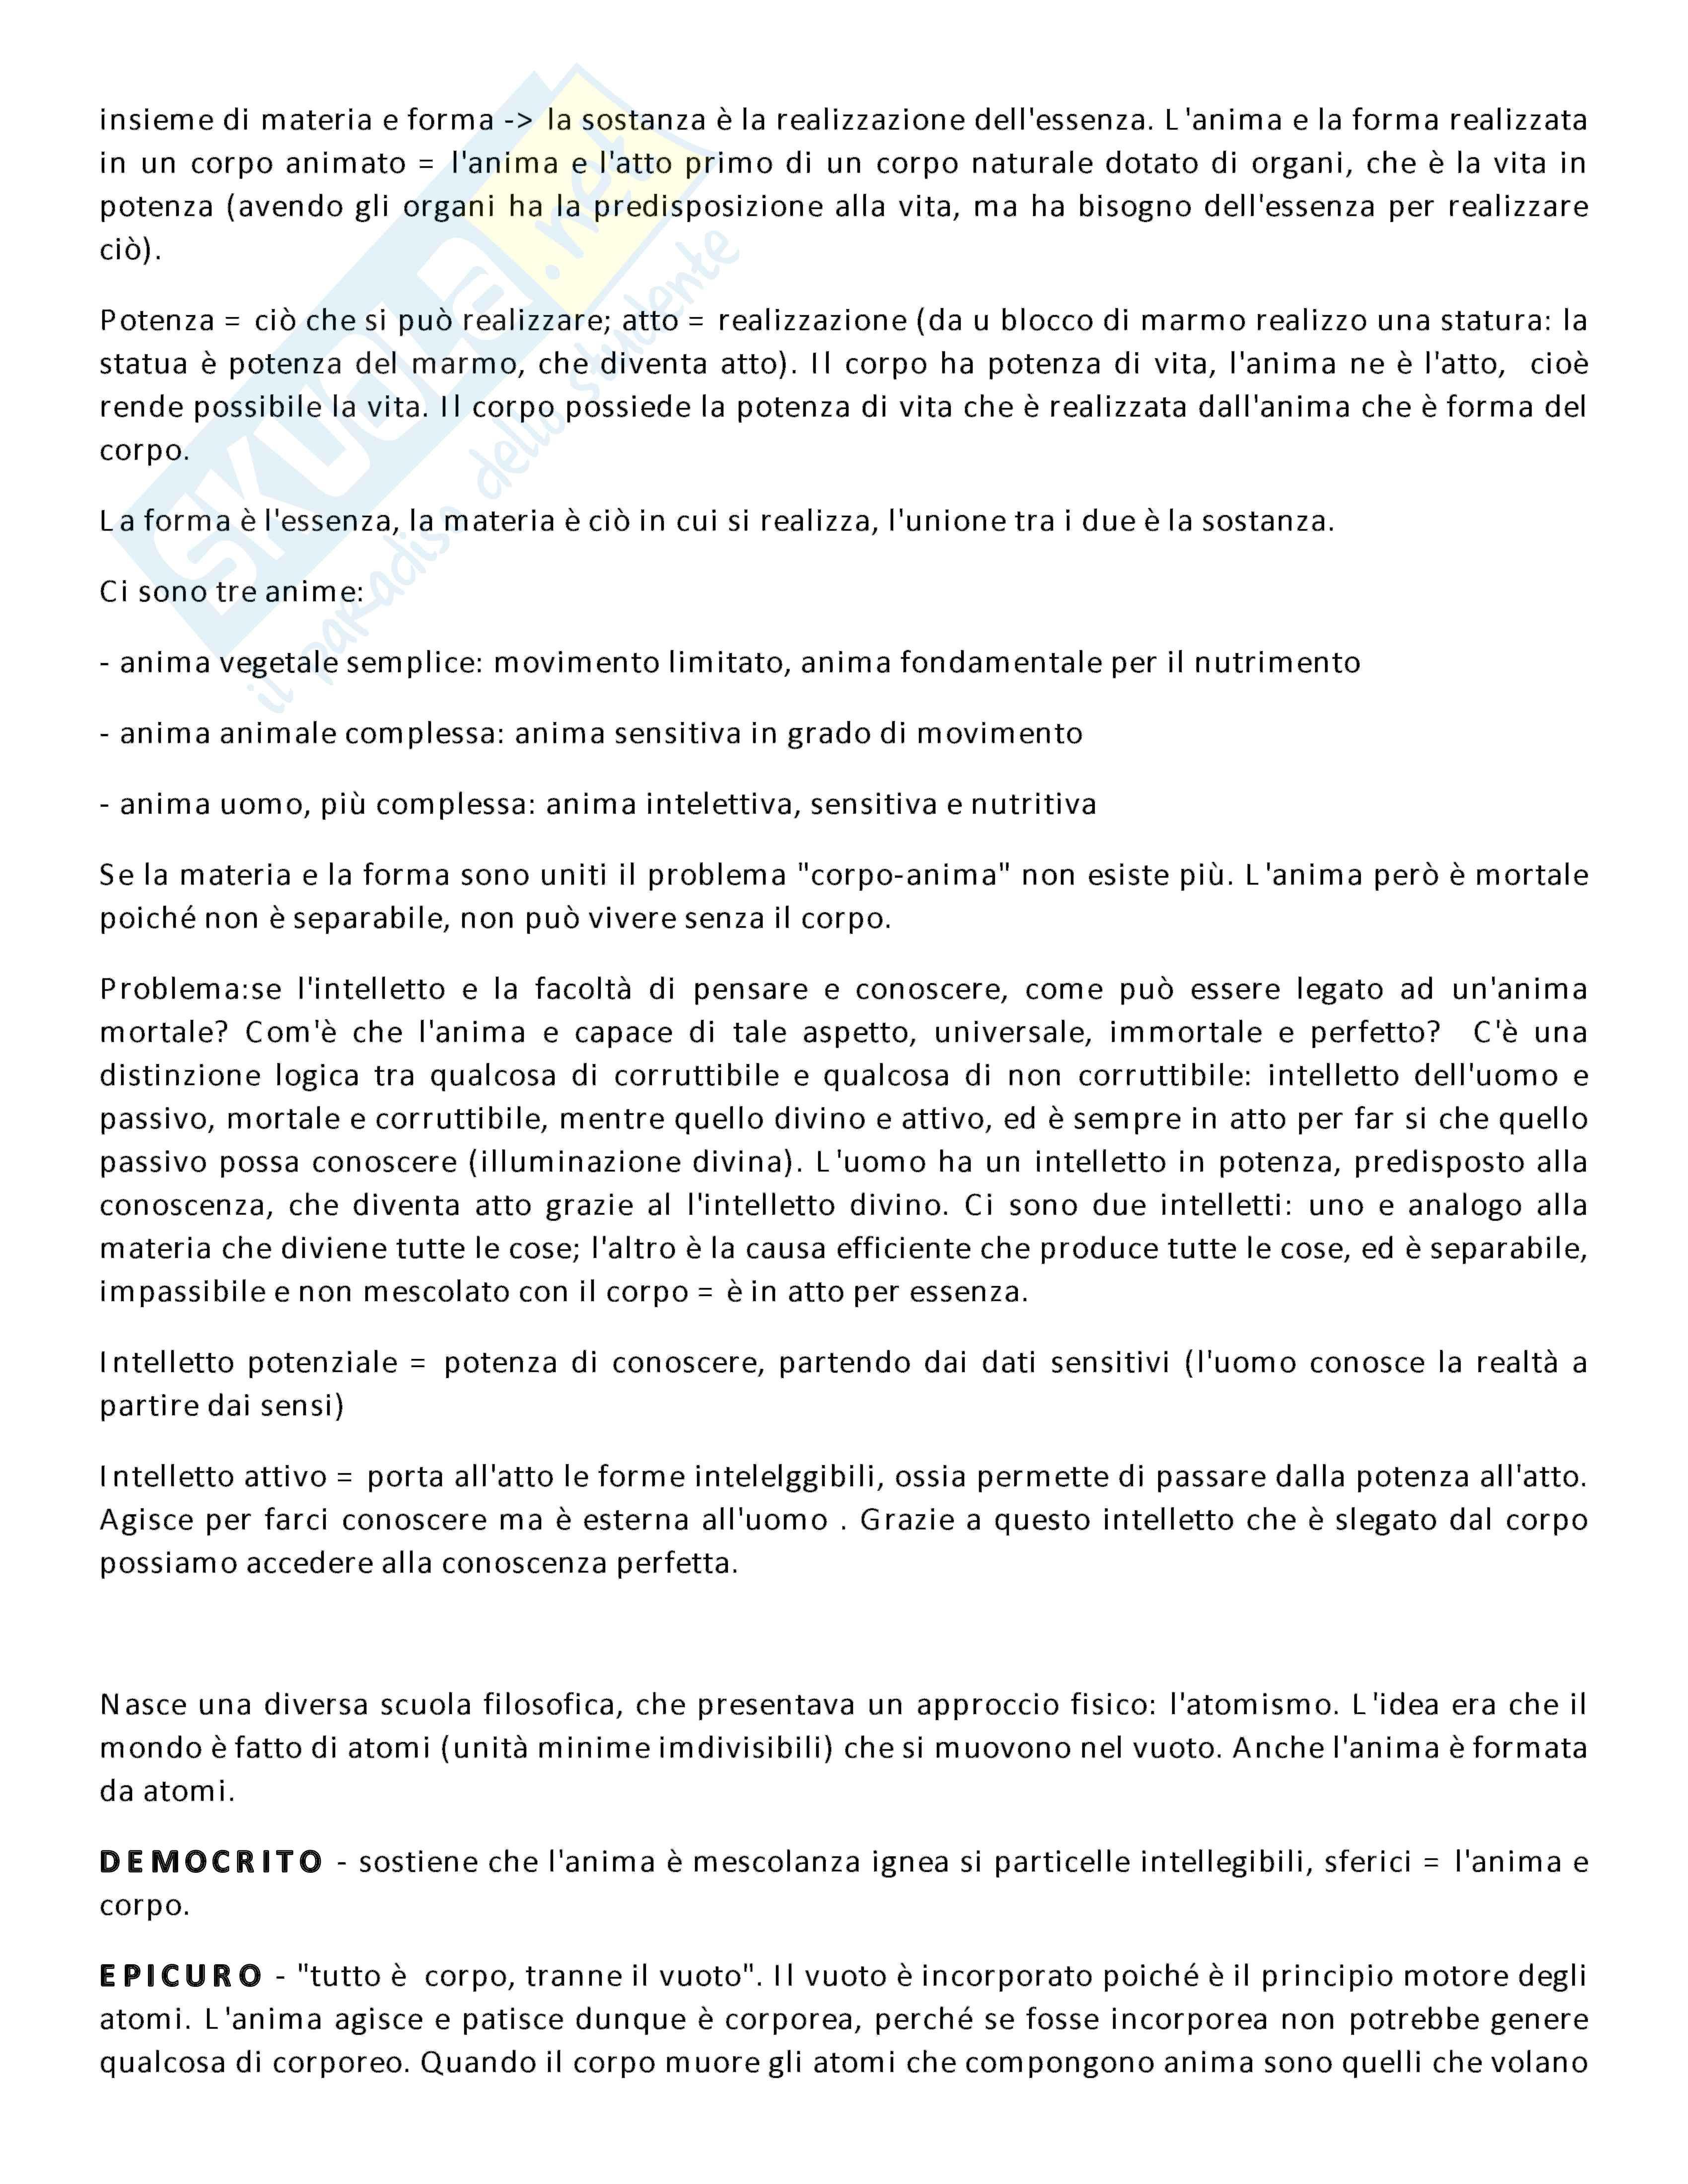 Appunti lezione di Filosofia - Università di Torino Pag. 2